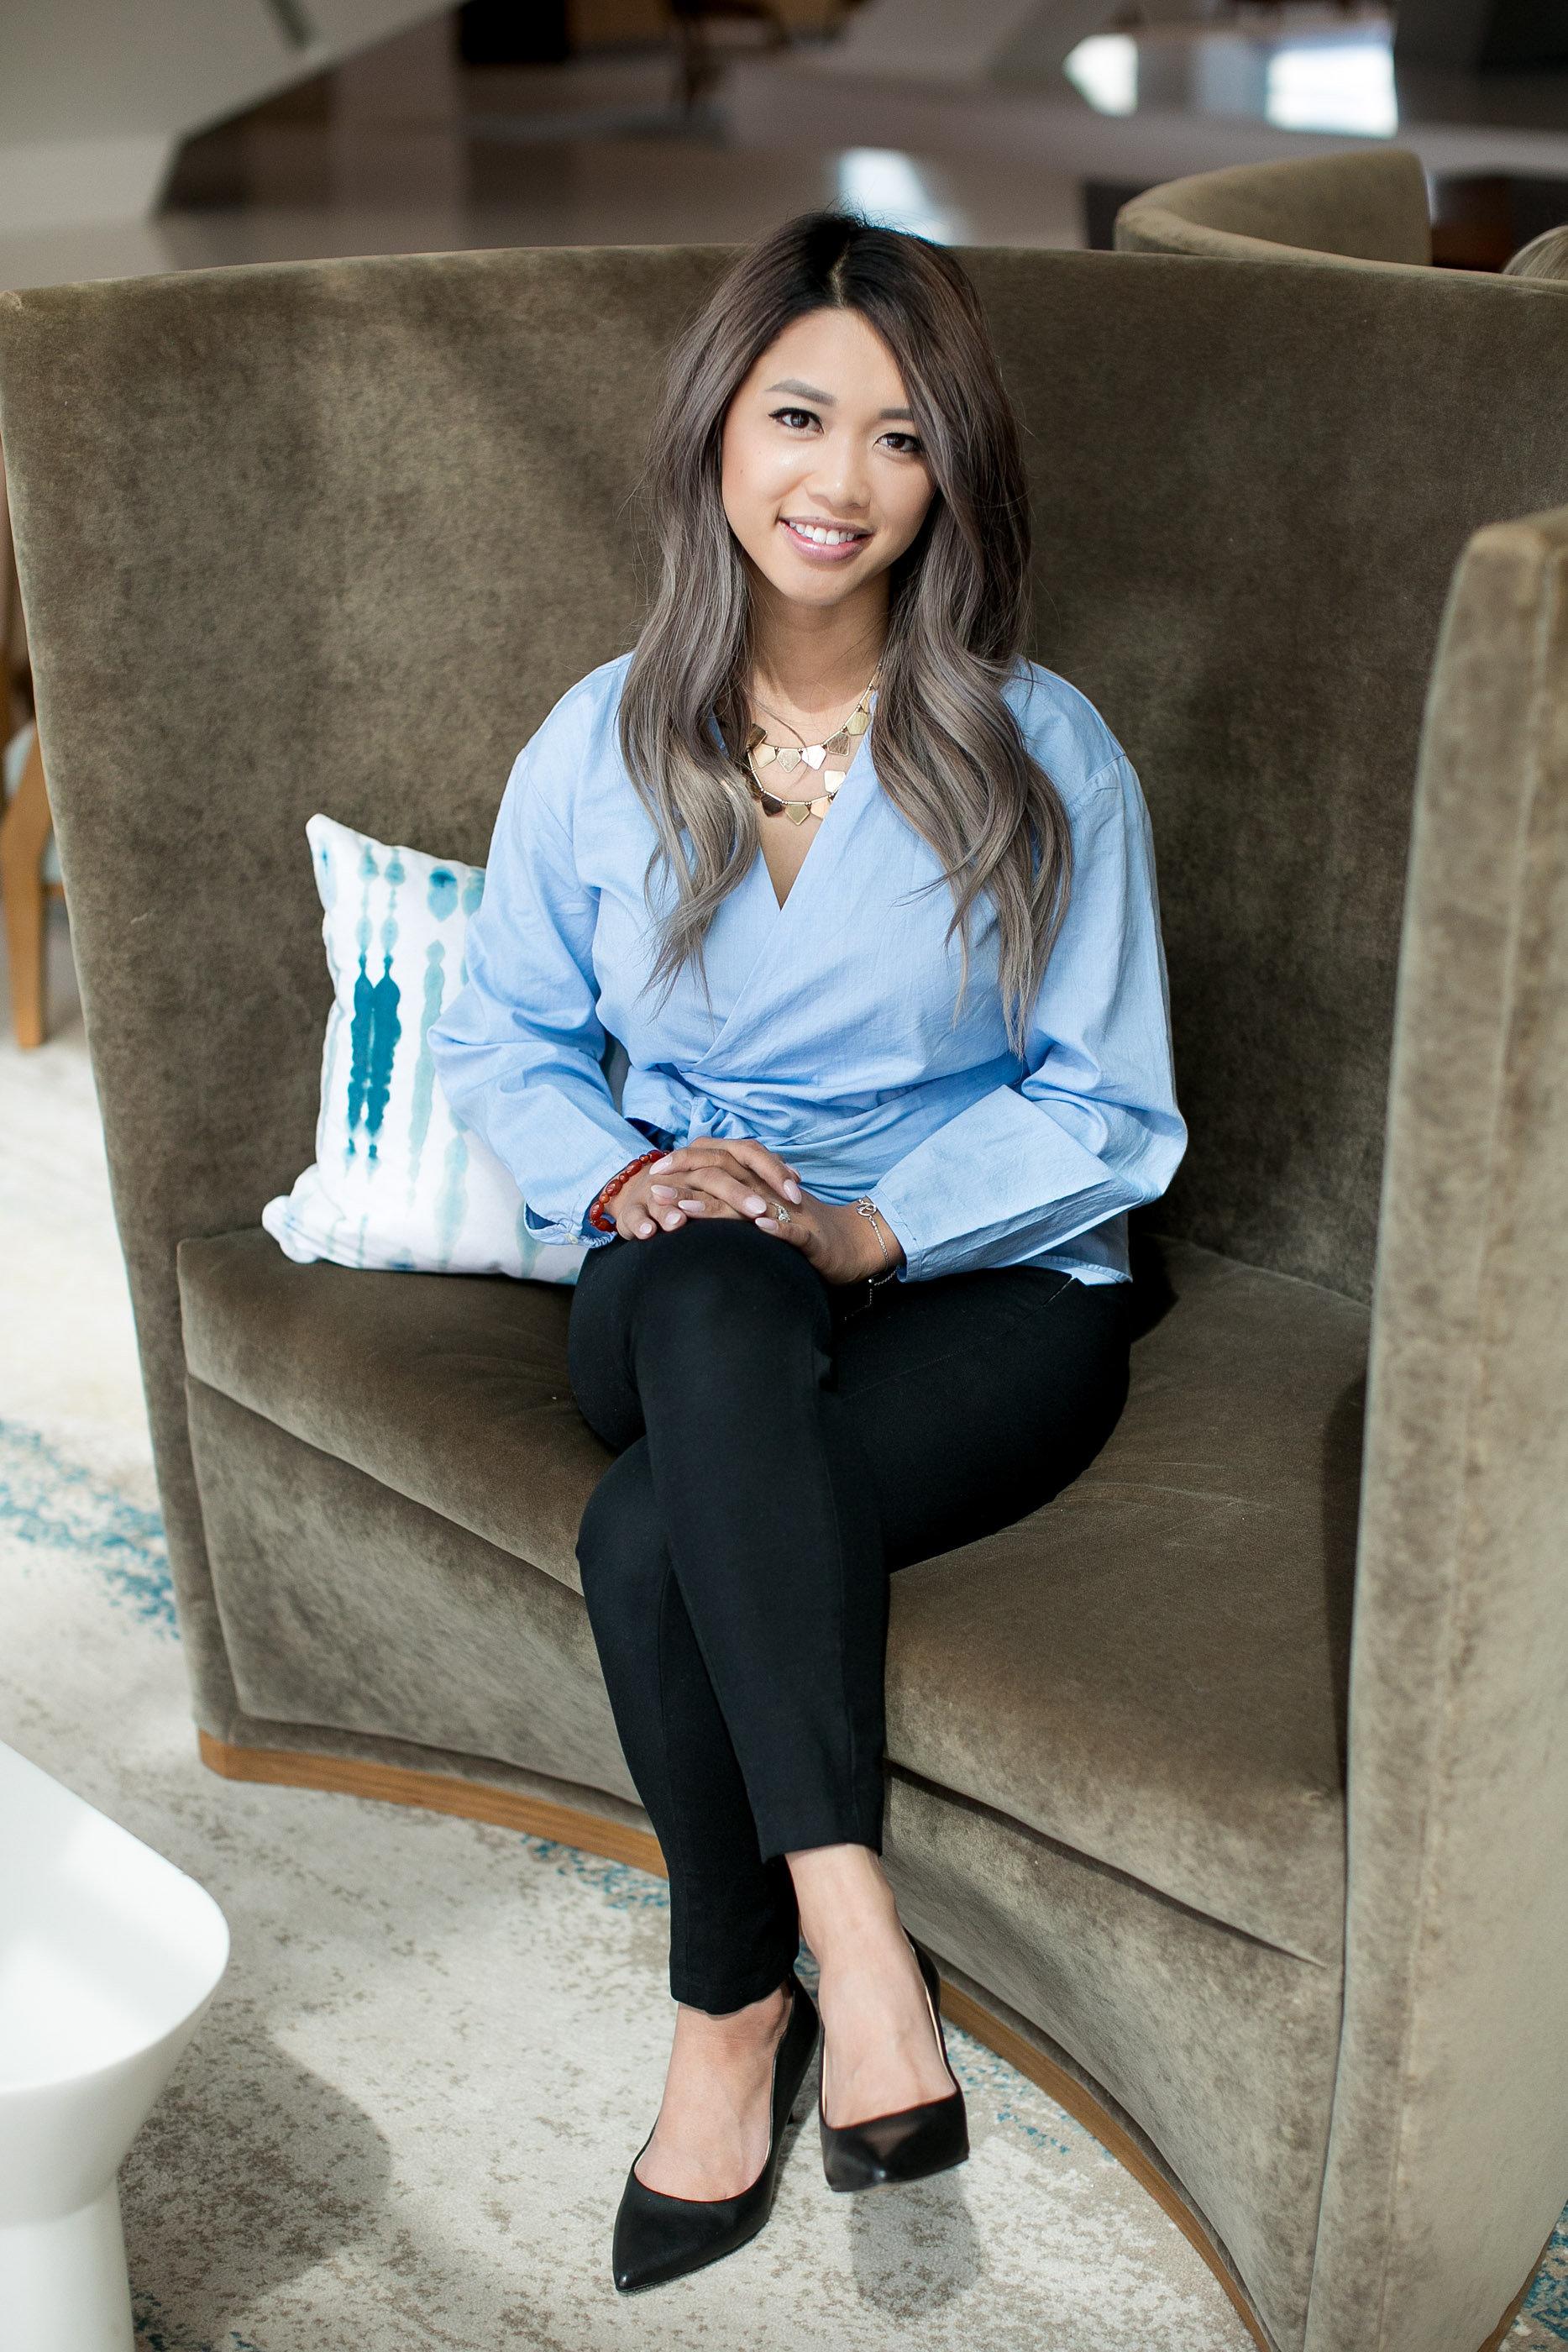 Ammy Nguyen